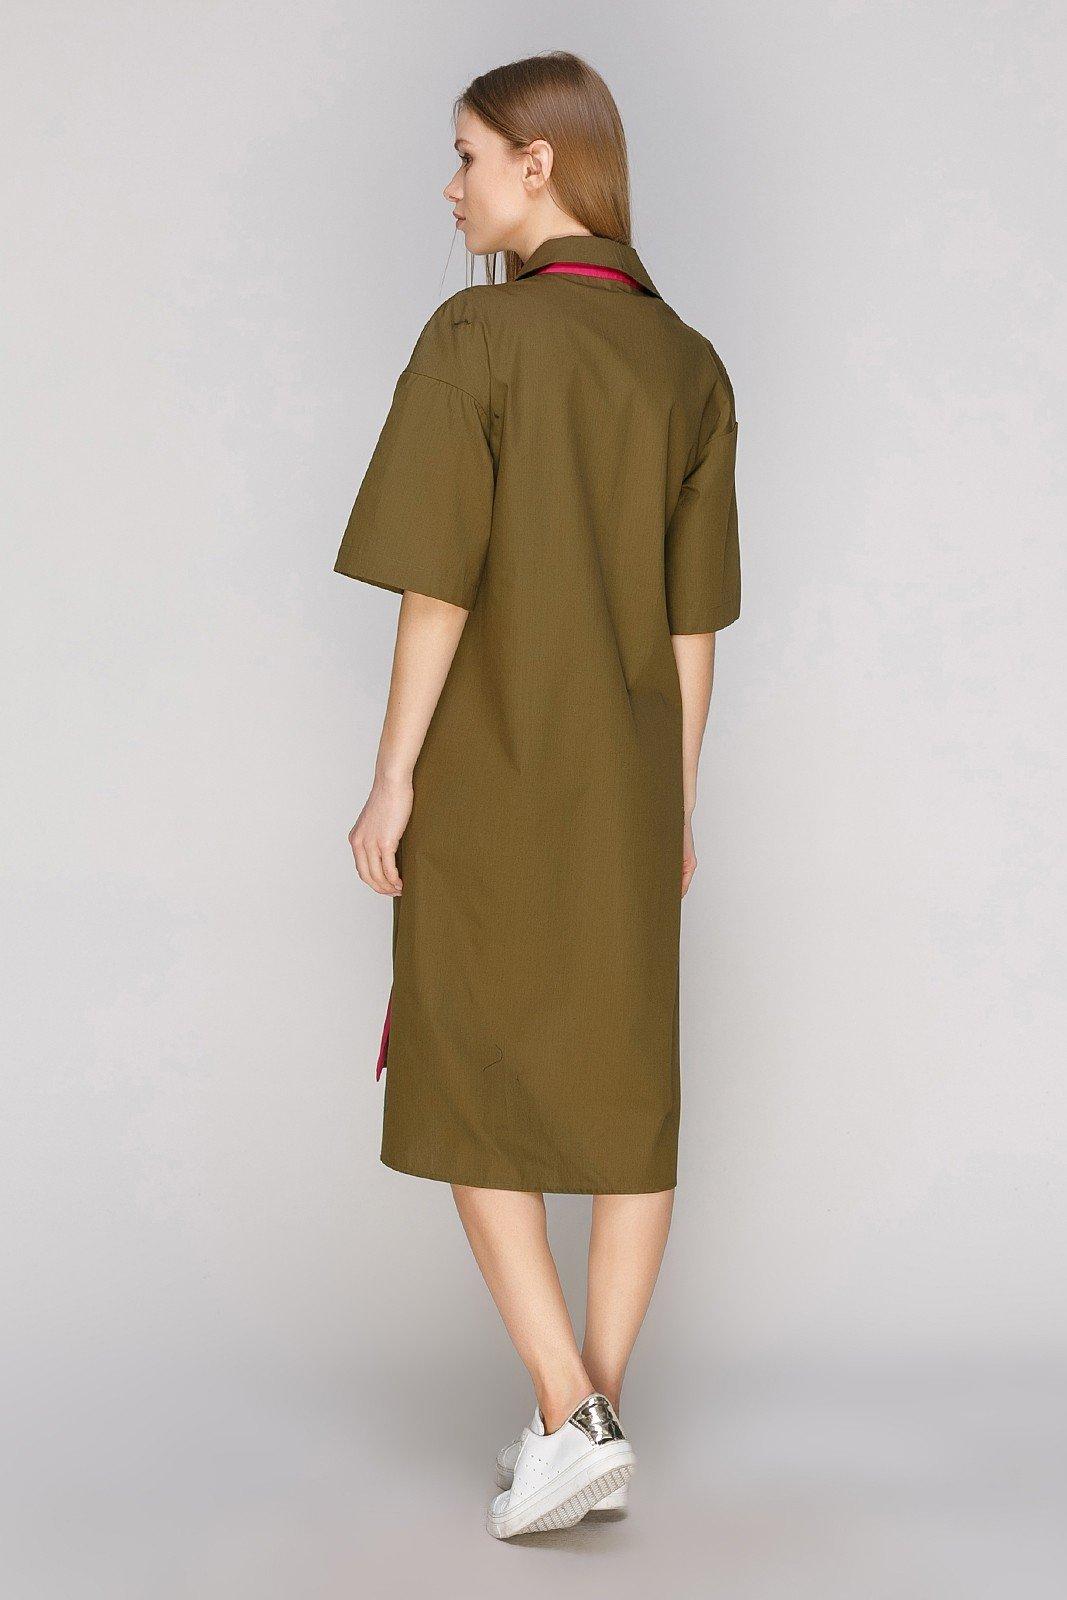 Платье Джекилл